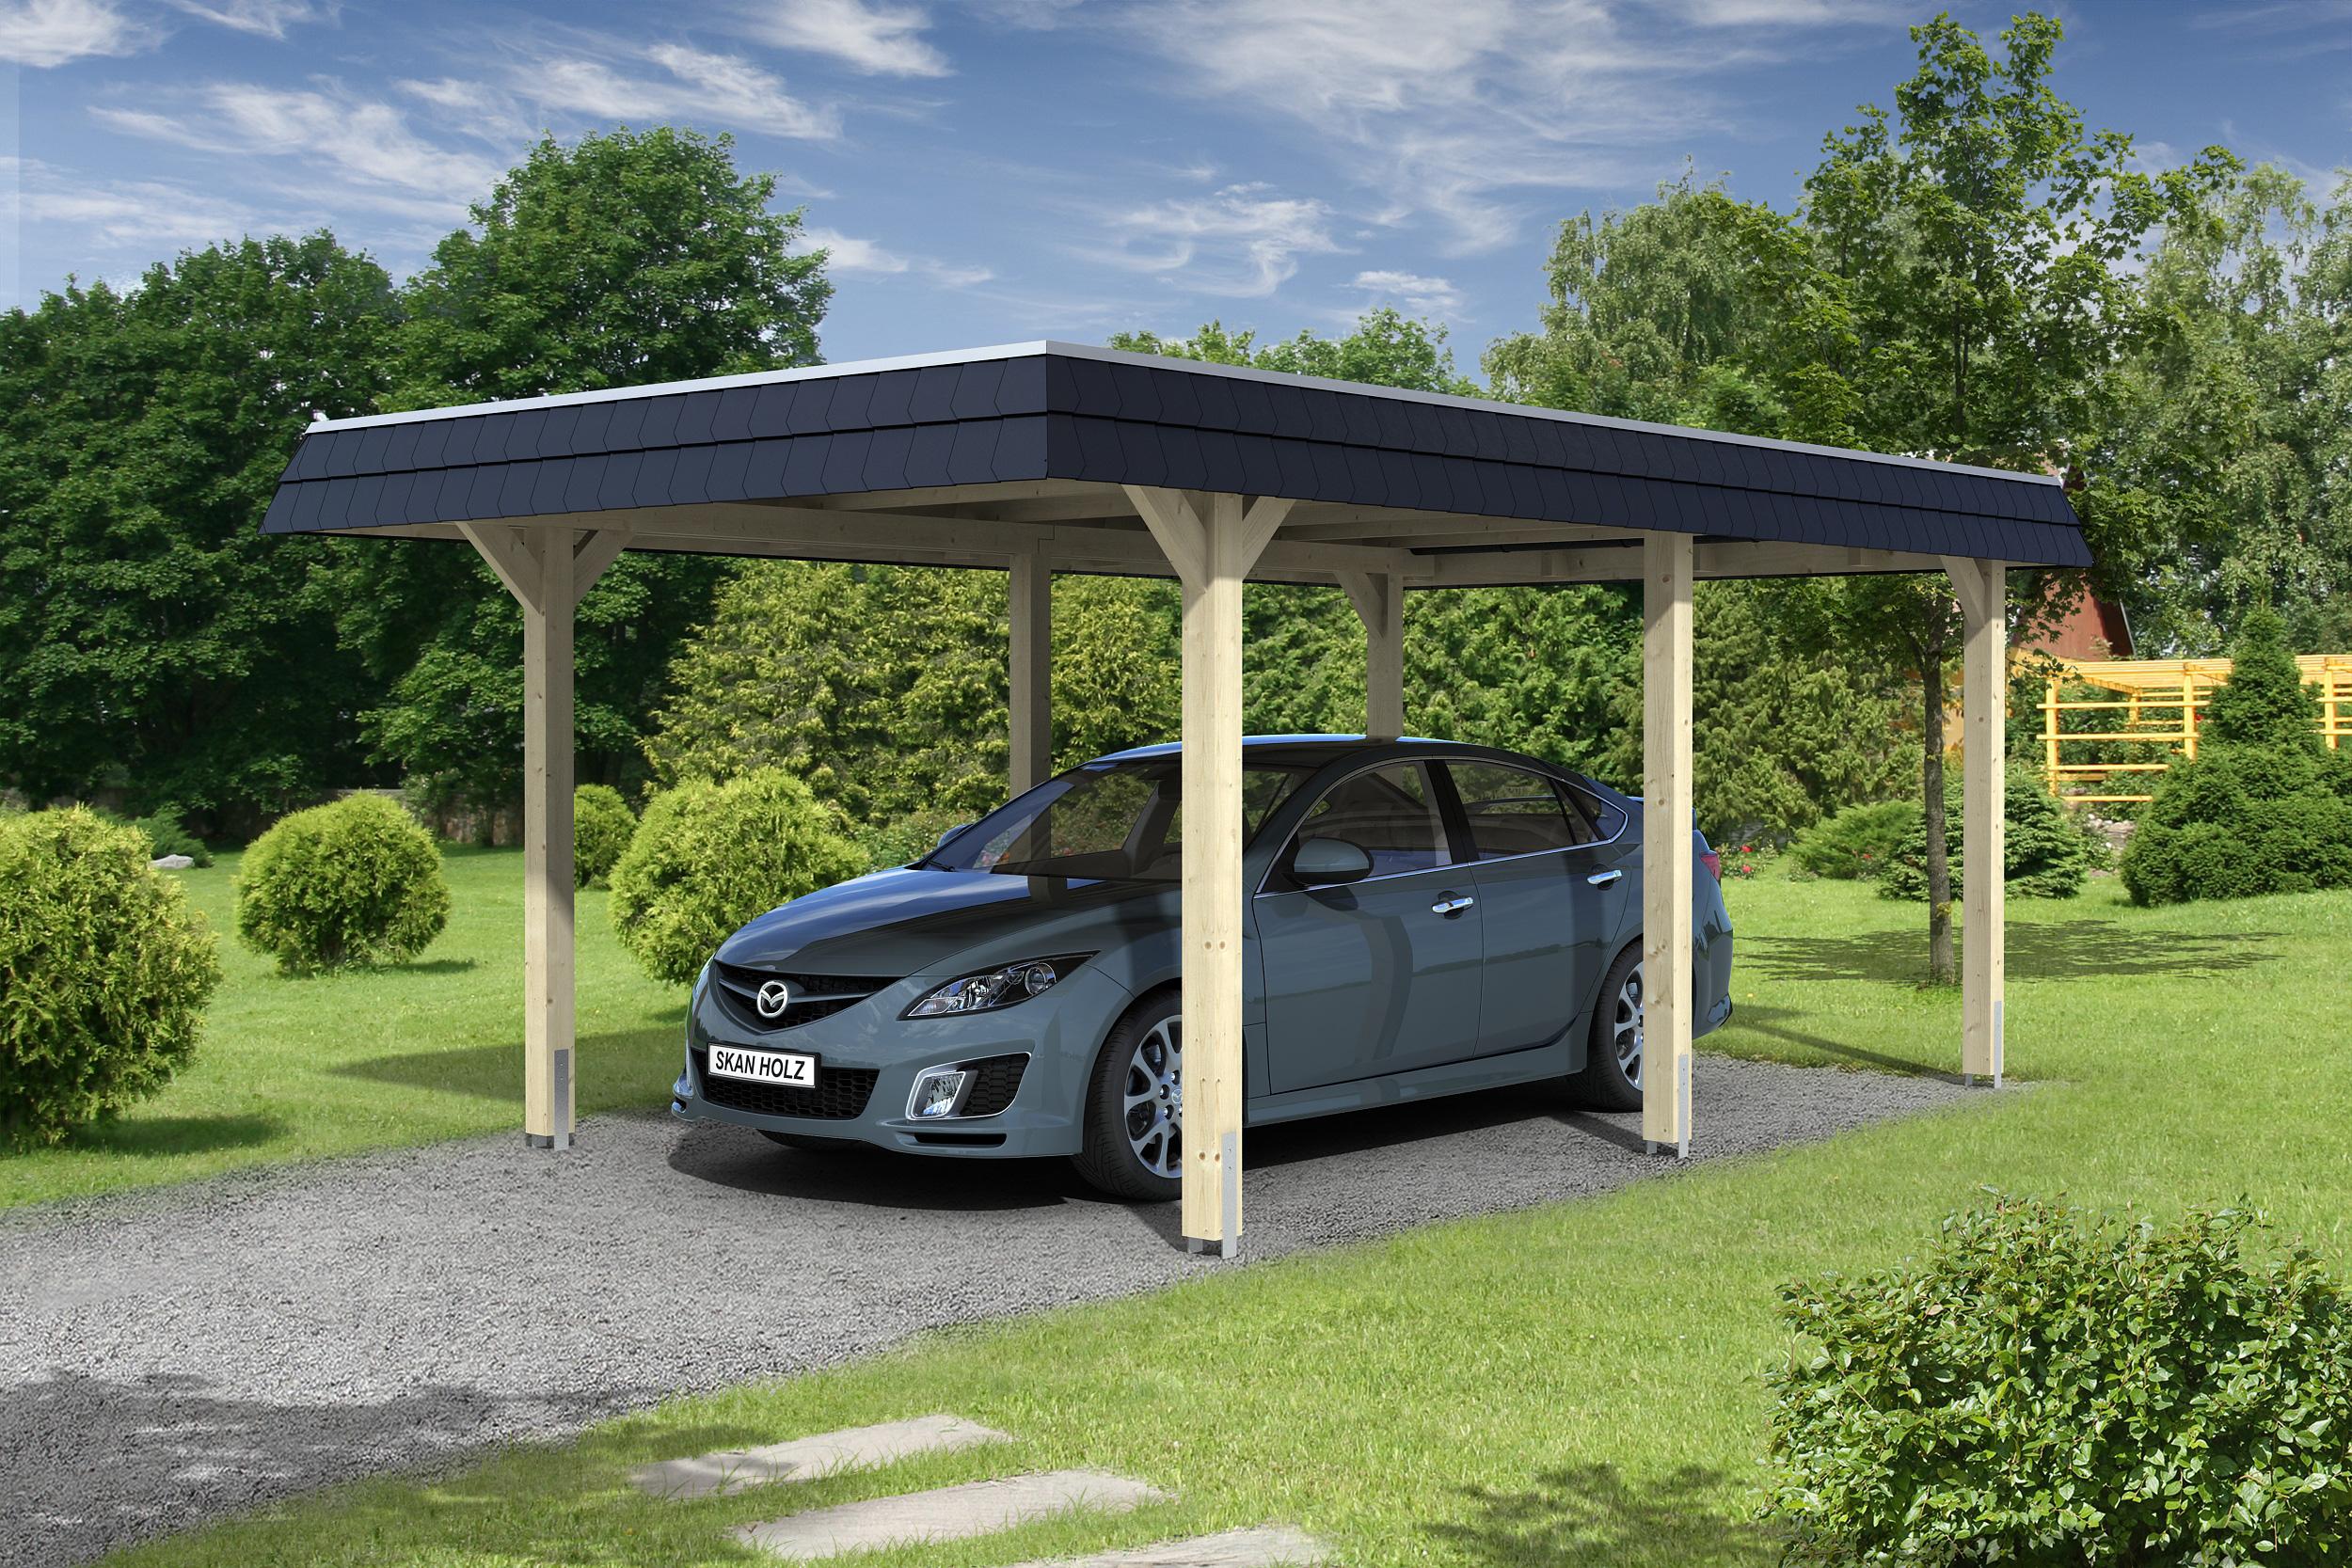 Carport bois un abri voiture pour tous abri chalet - Montage carport bois ...